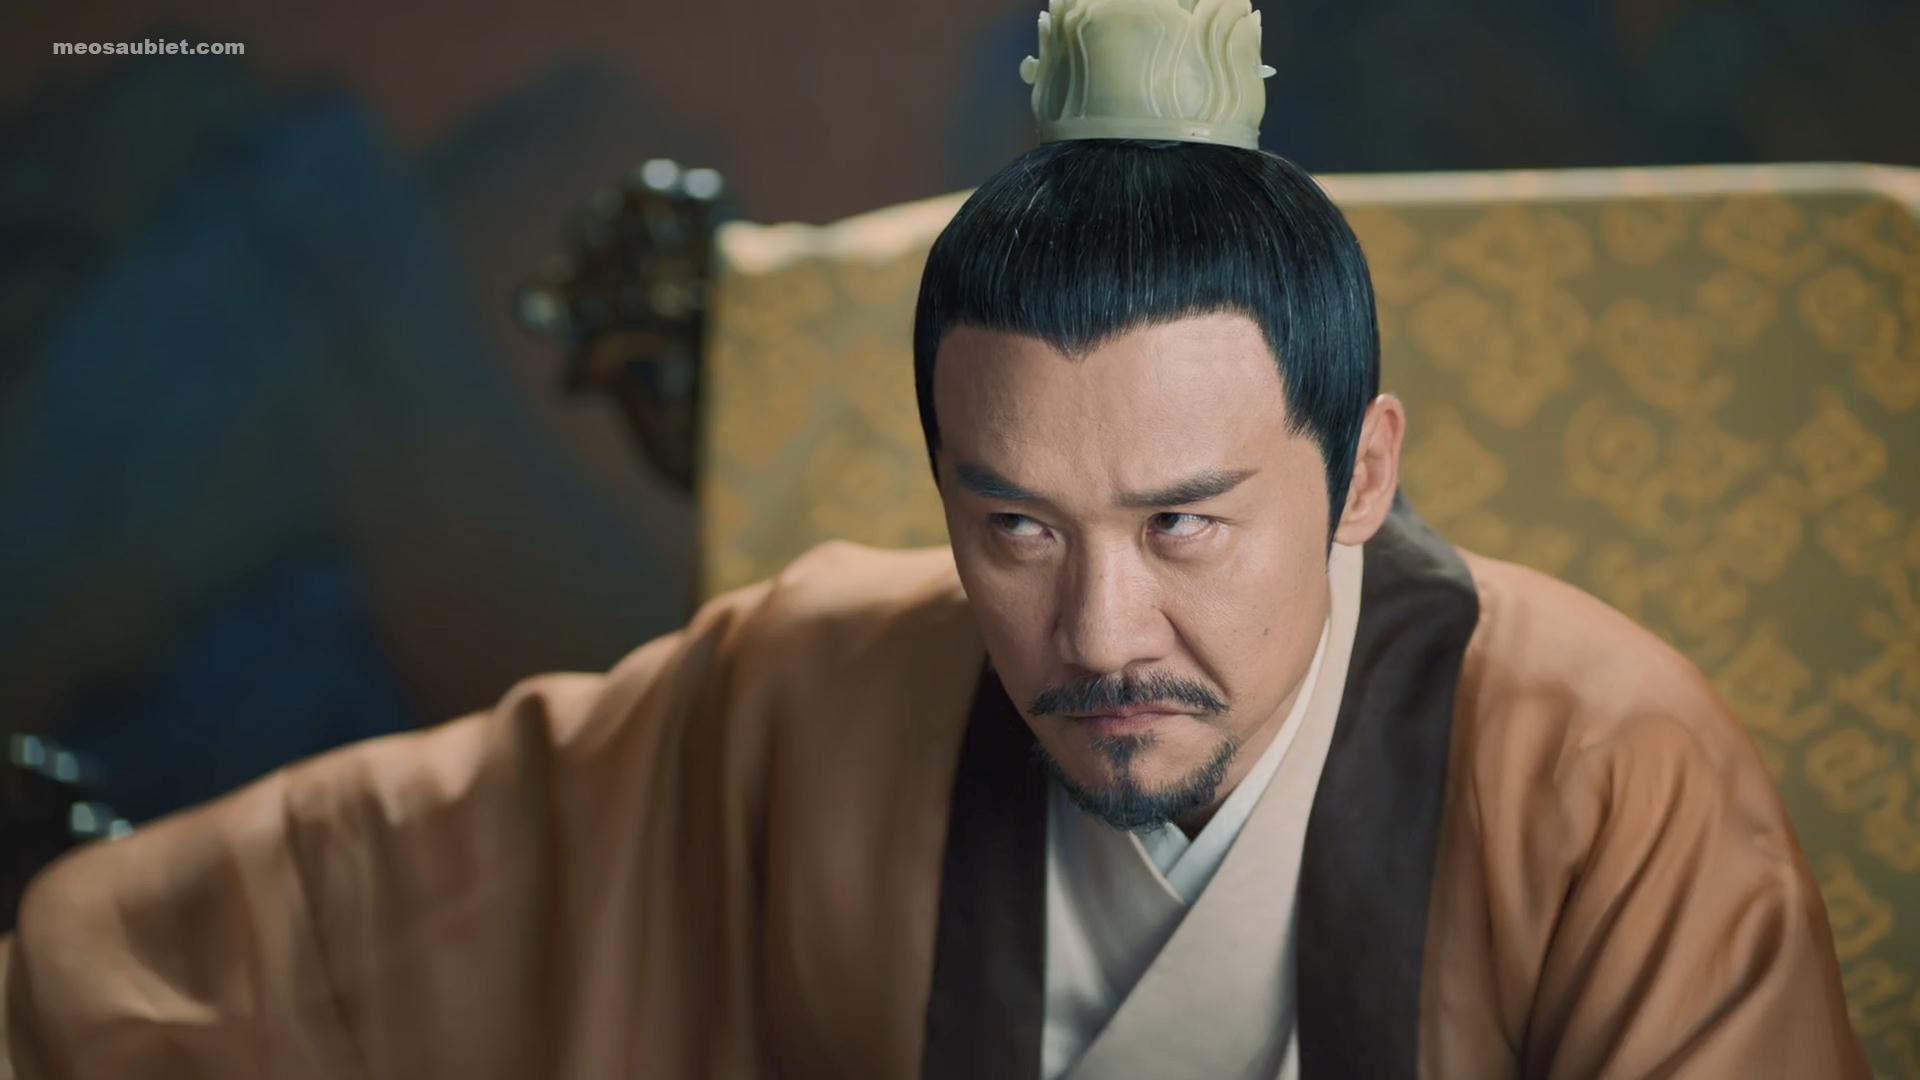 Hạc Lệ Hoa Đình 2019 Hoàng Chí Trung trong vai Hoàng đế Tiêu Giám